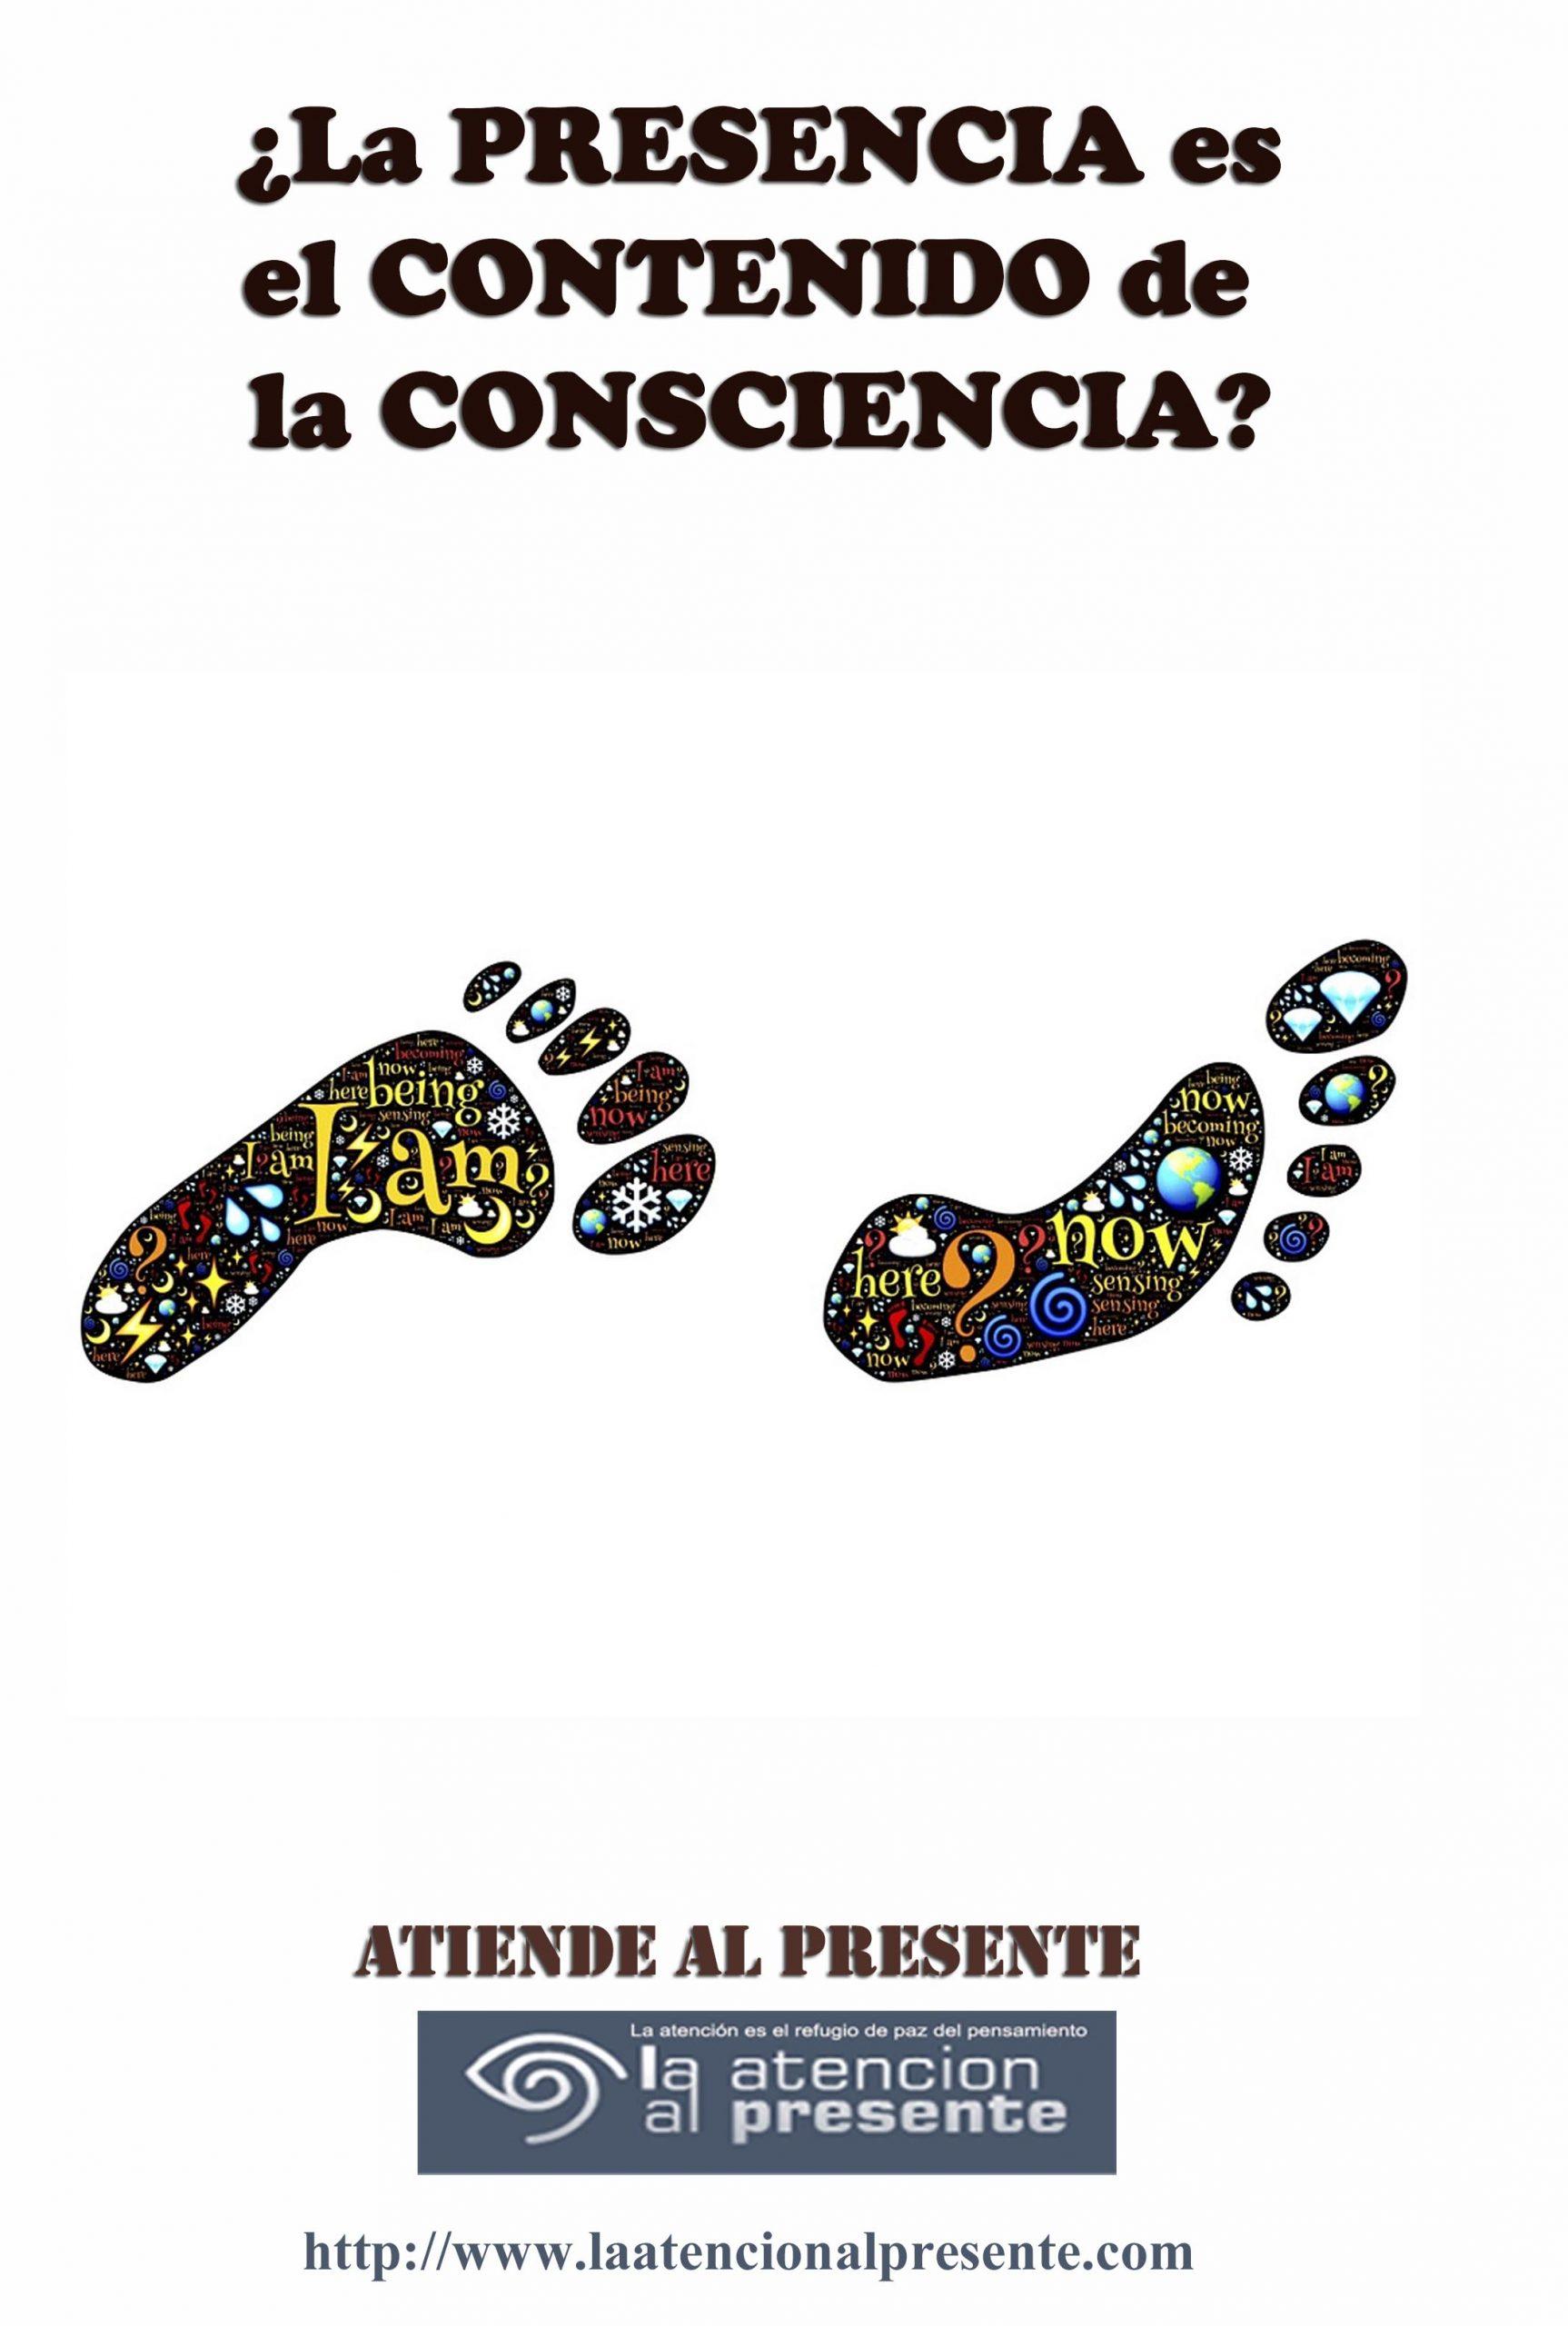 1 de Diciembre Esteban La PRESENCIA es el CONTENIDO de la CONSCIENCIA min scaled